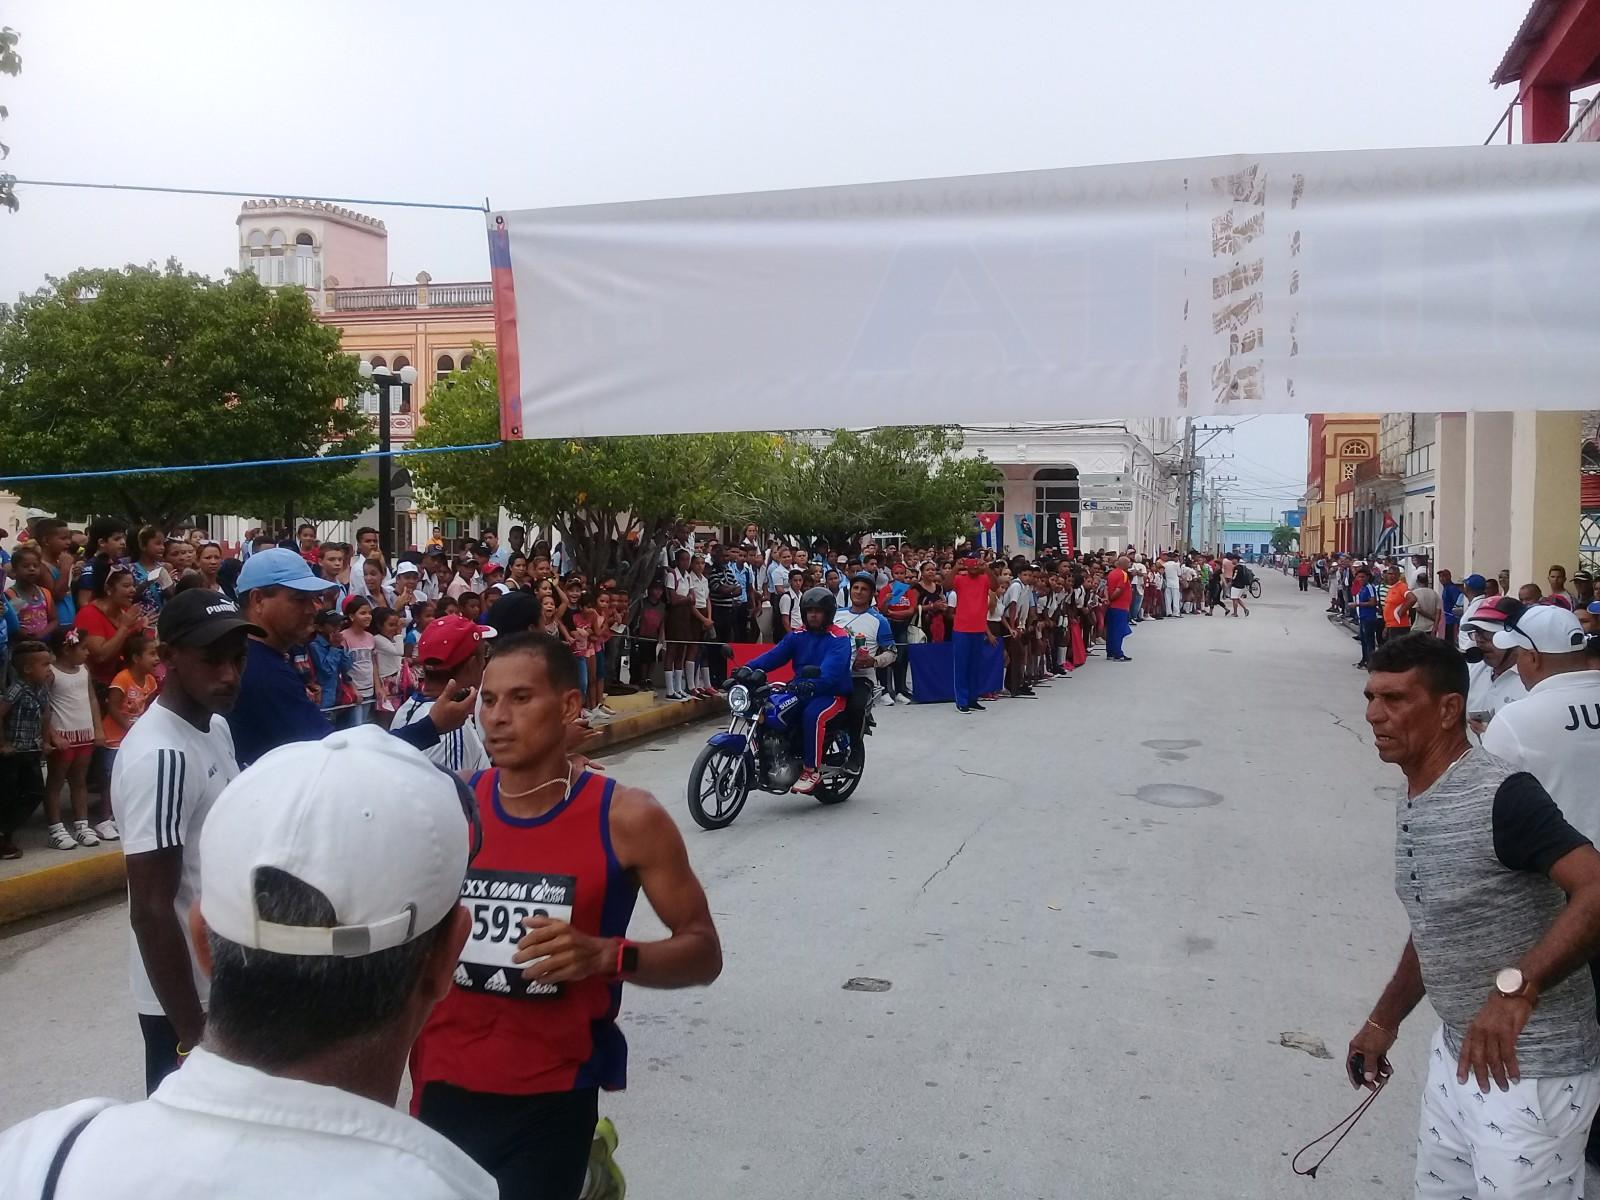 Ganan jóvenes de Manzanillo y Bartolomé Masó maratón La Demajagua